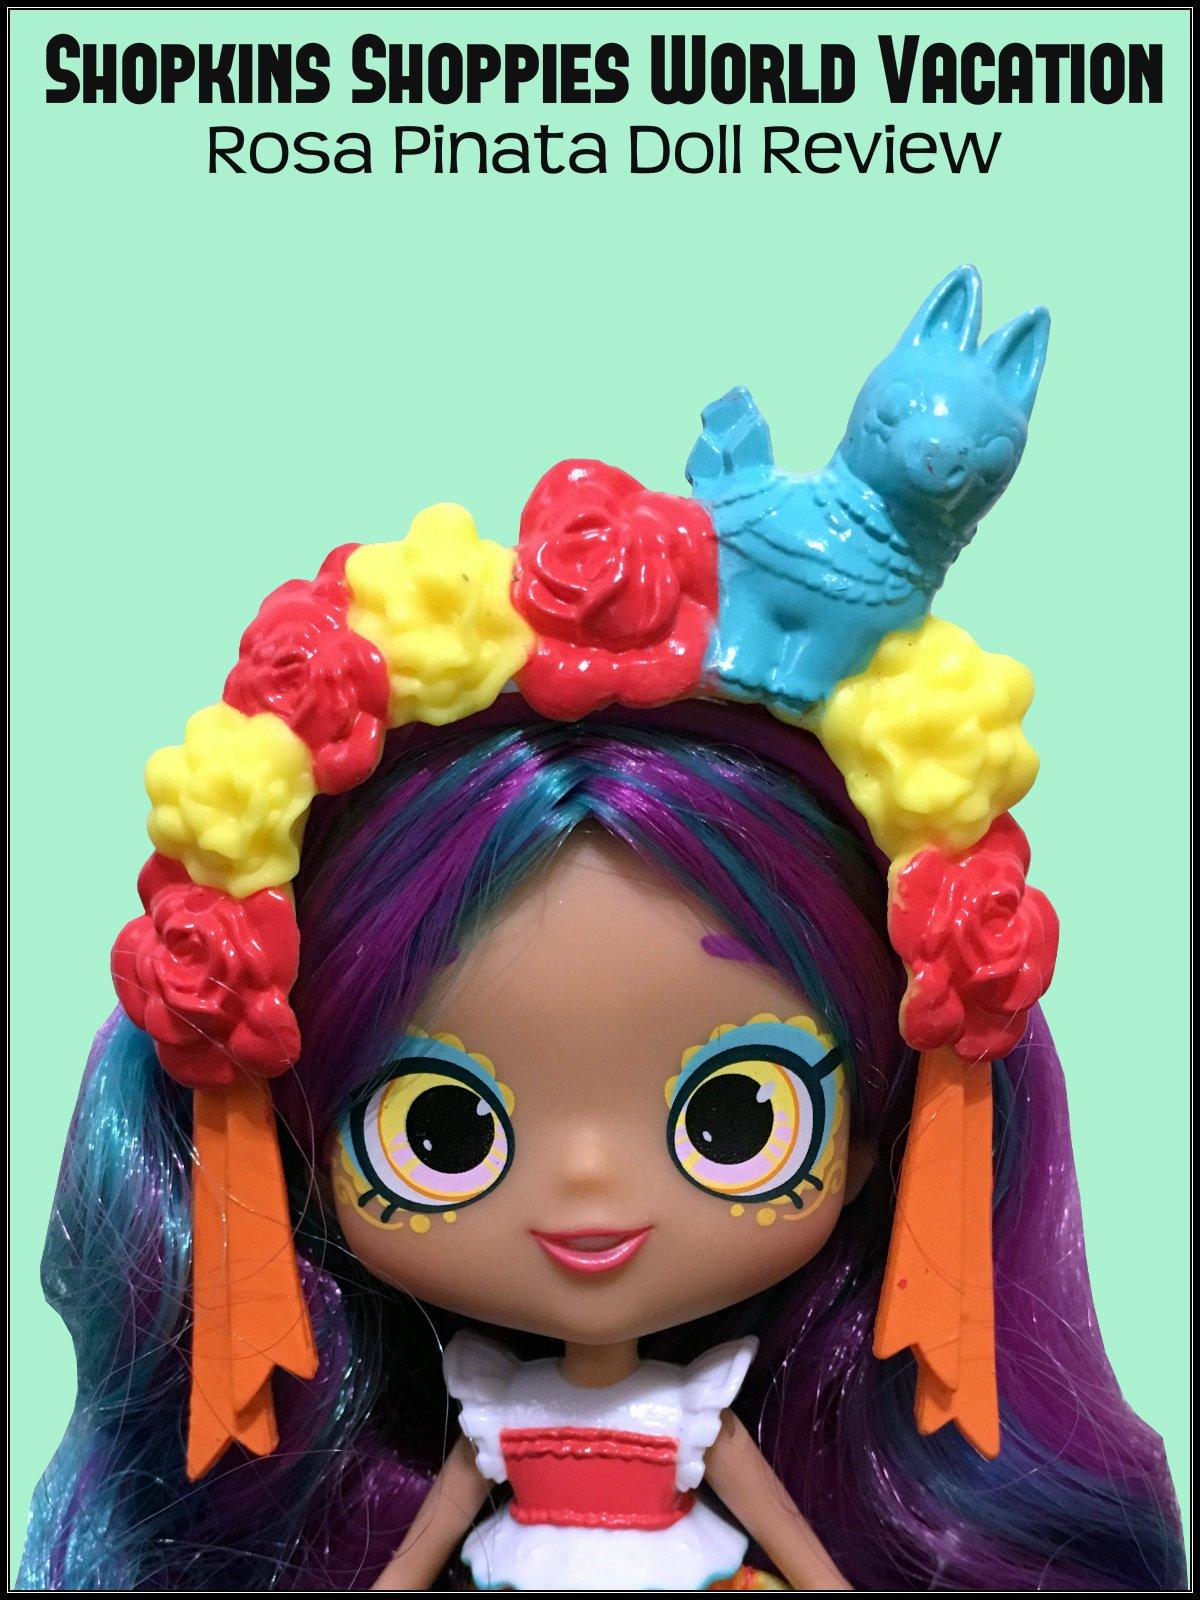 Review: Shopkins Shoppies World Vacation Rosa Pinata Doll Review